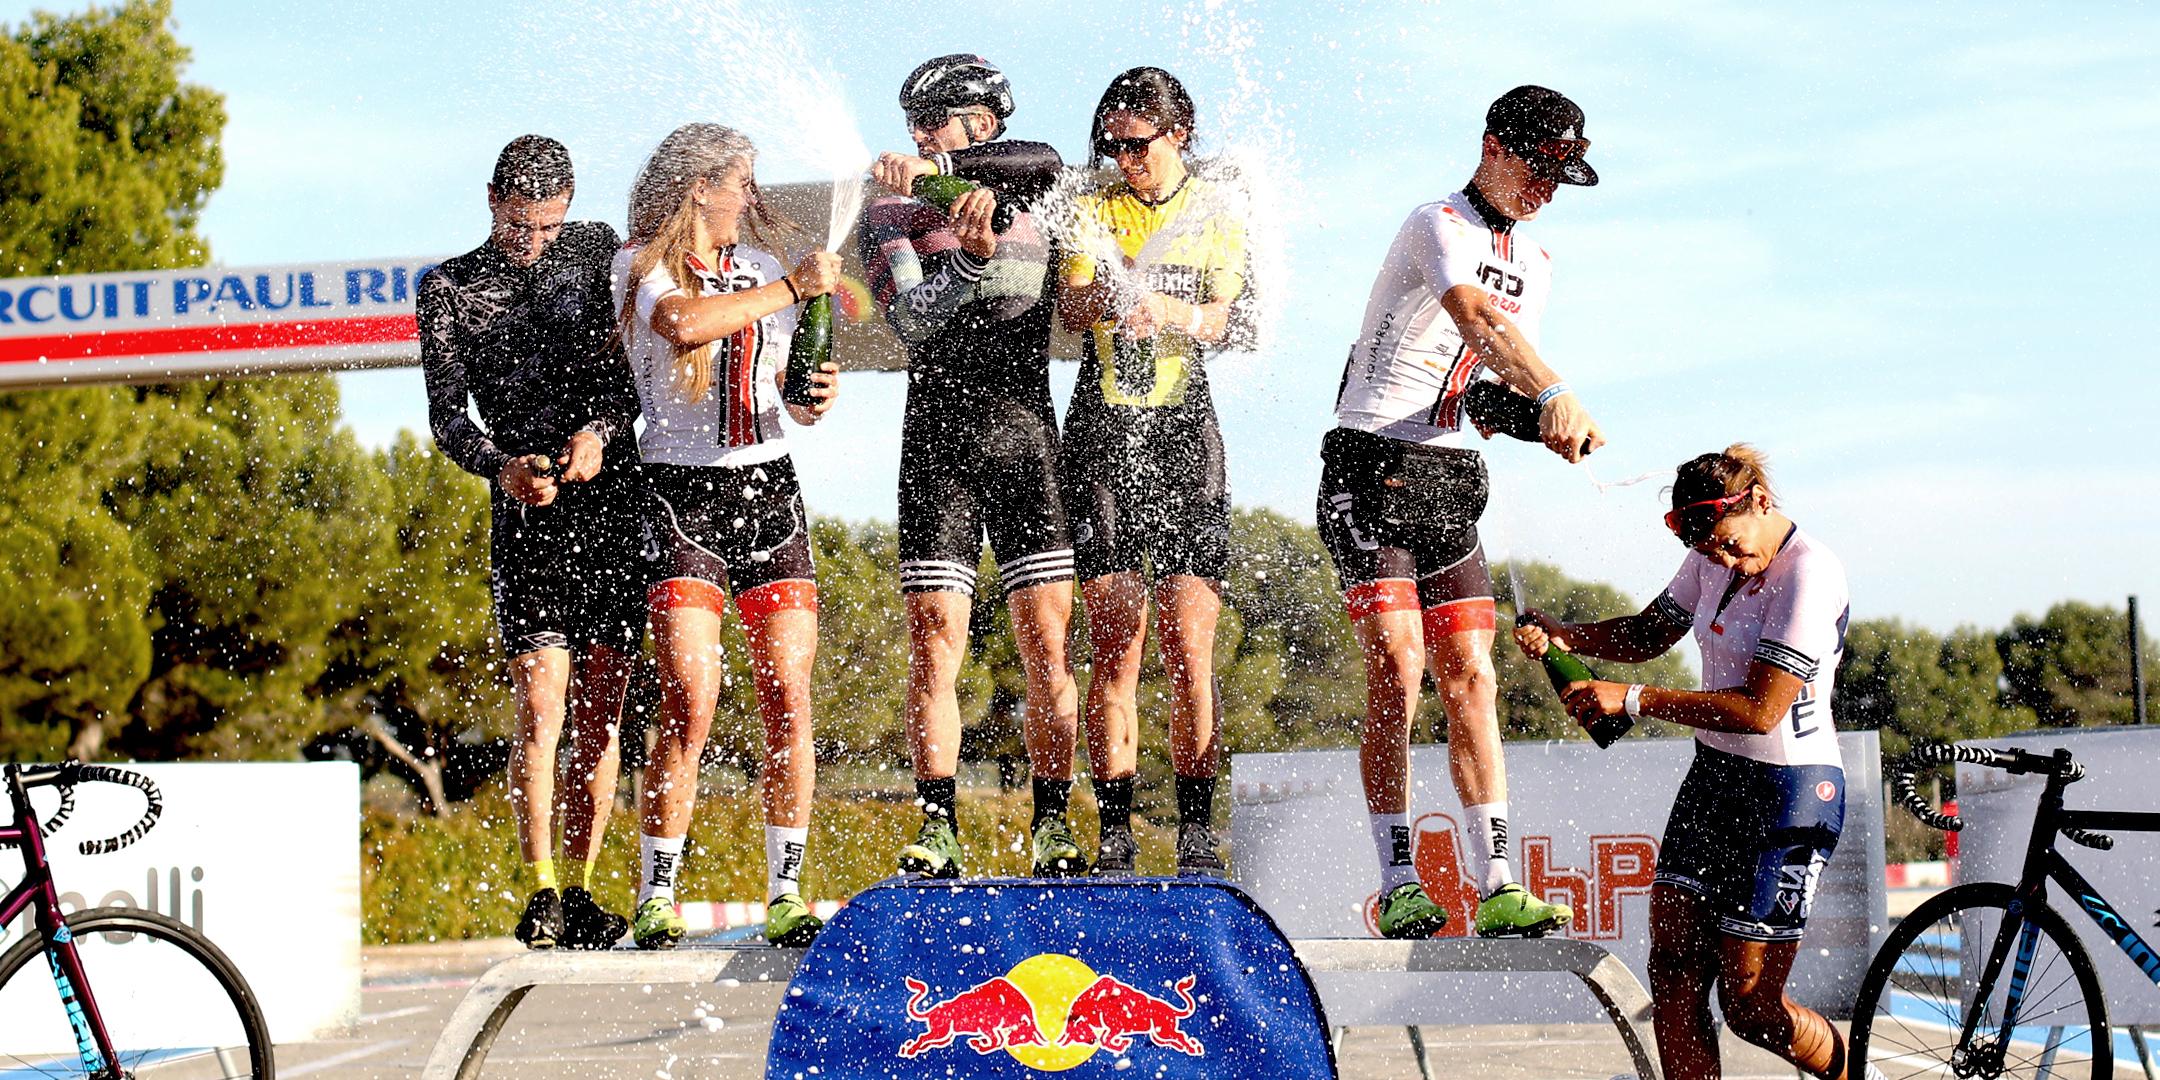 Photographie de cyclistes professionnelles sur le prodium en train de faire une douche de champagne